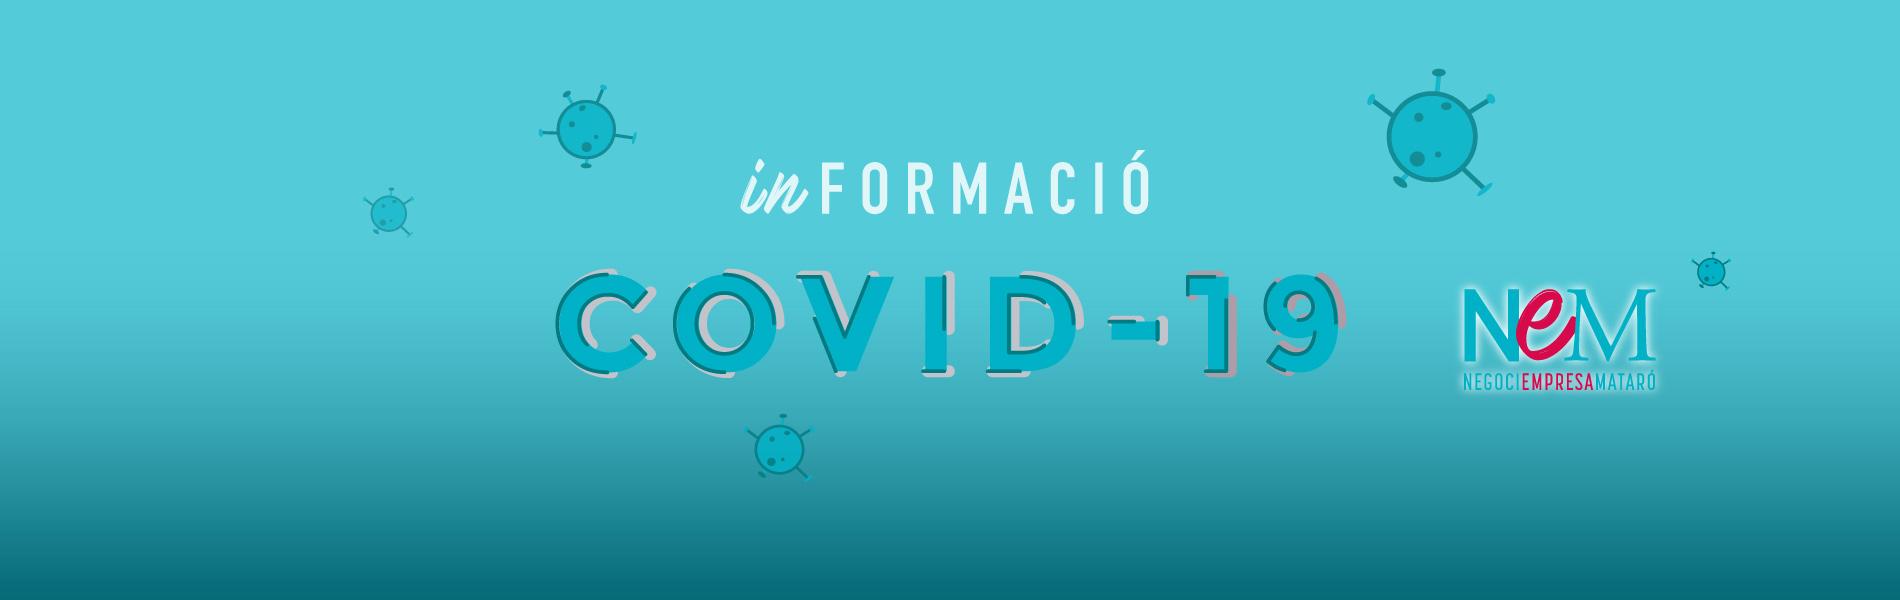 SliDe-NeM-COVID19